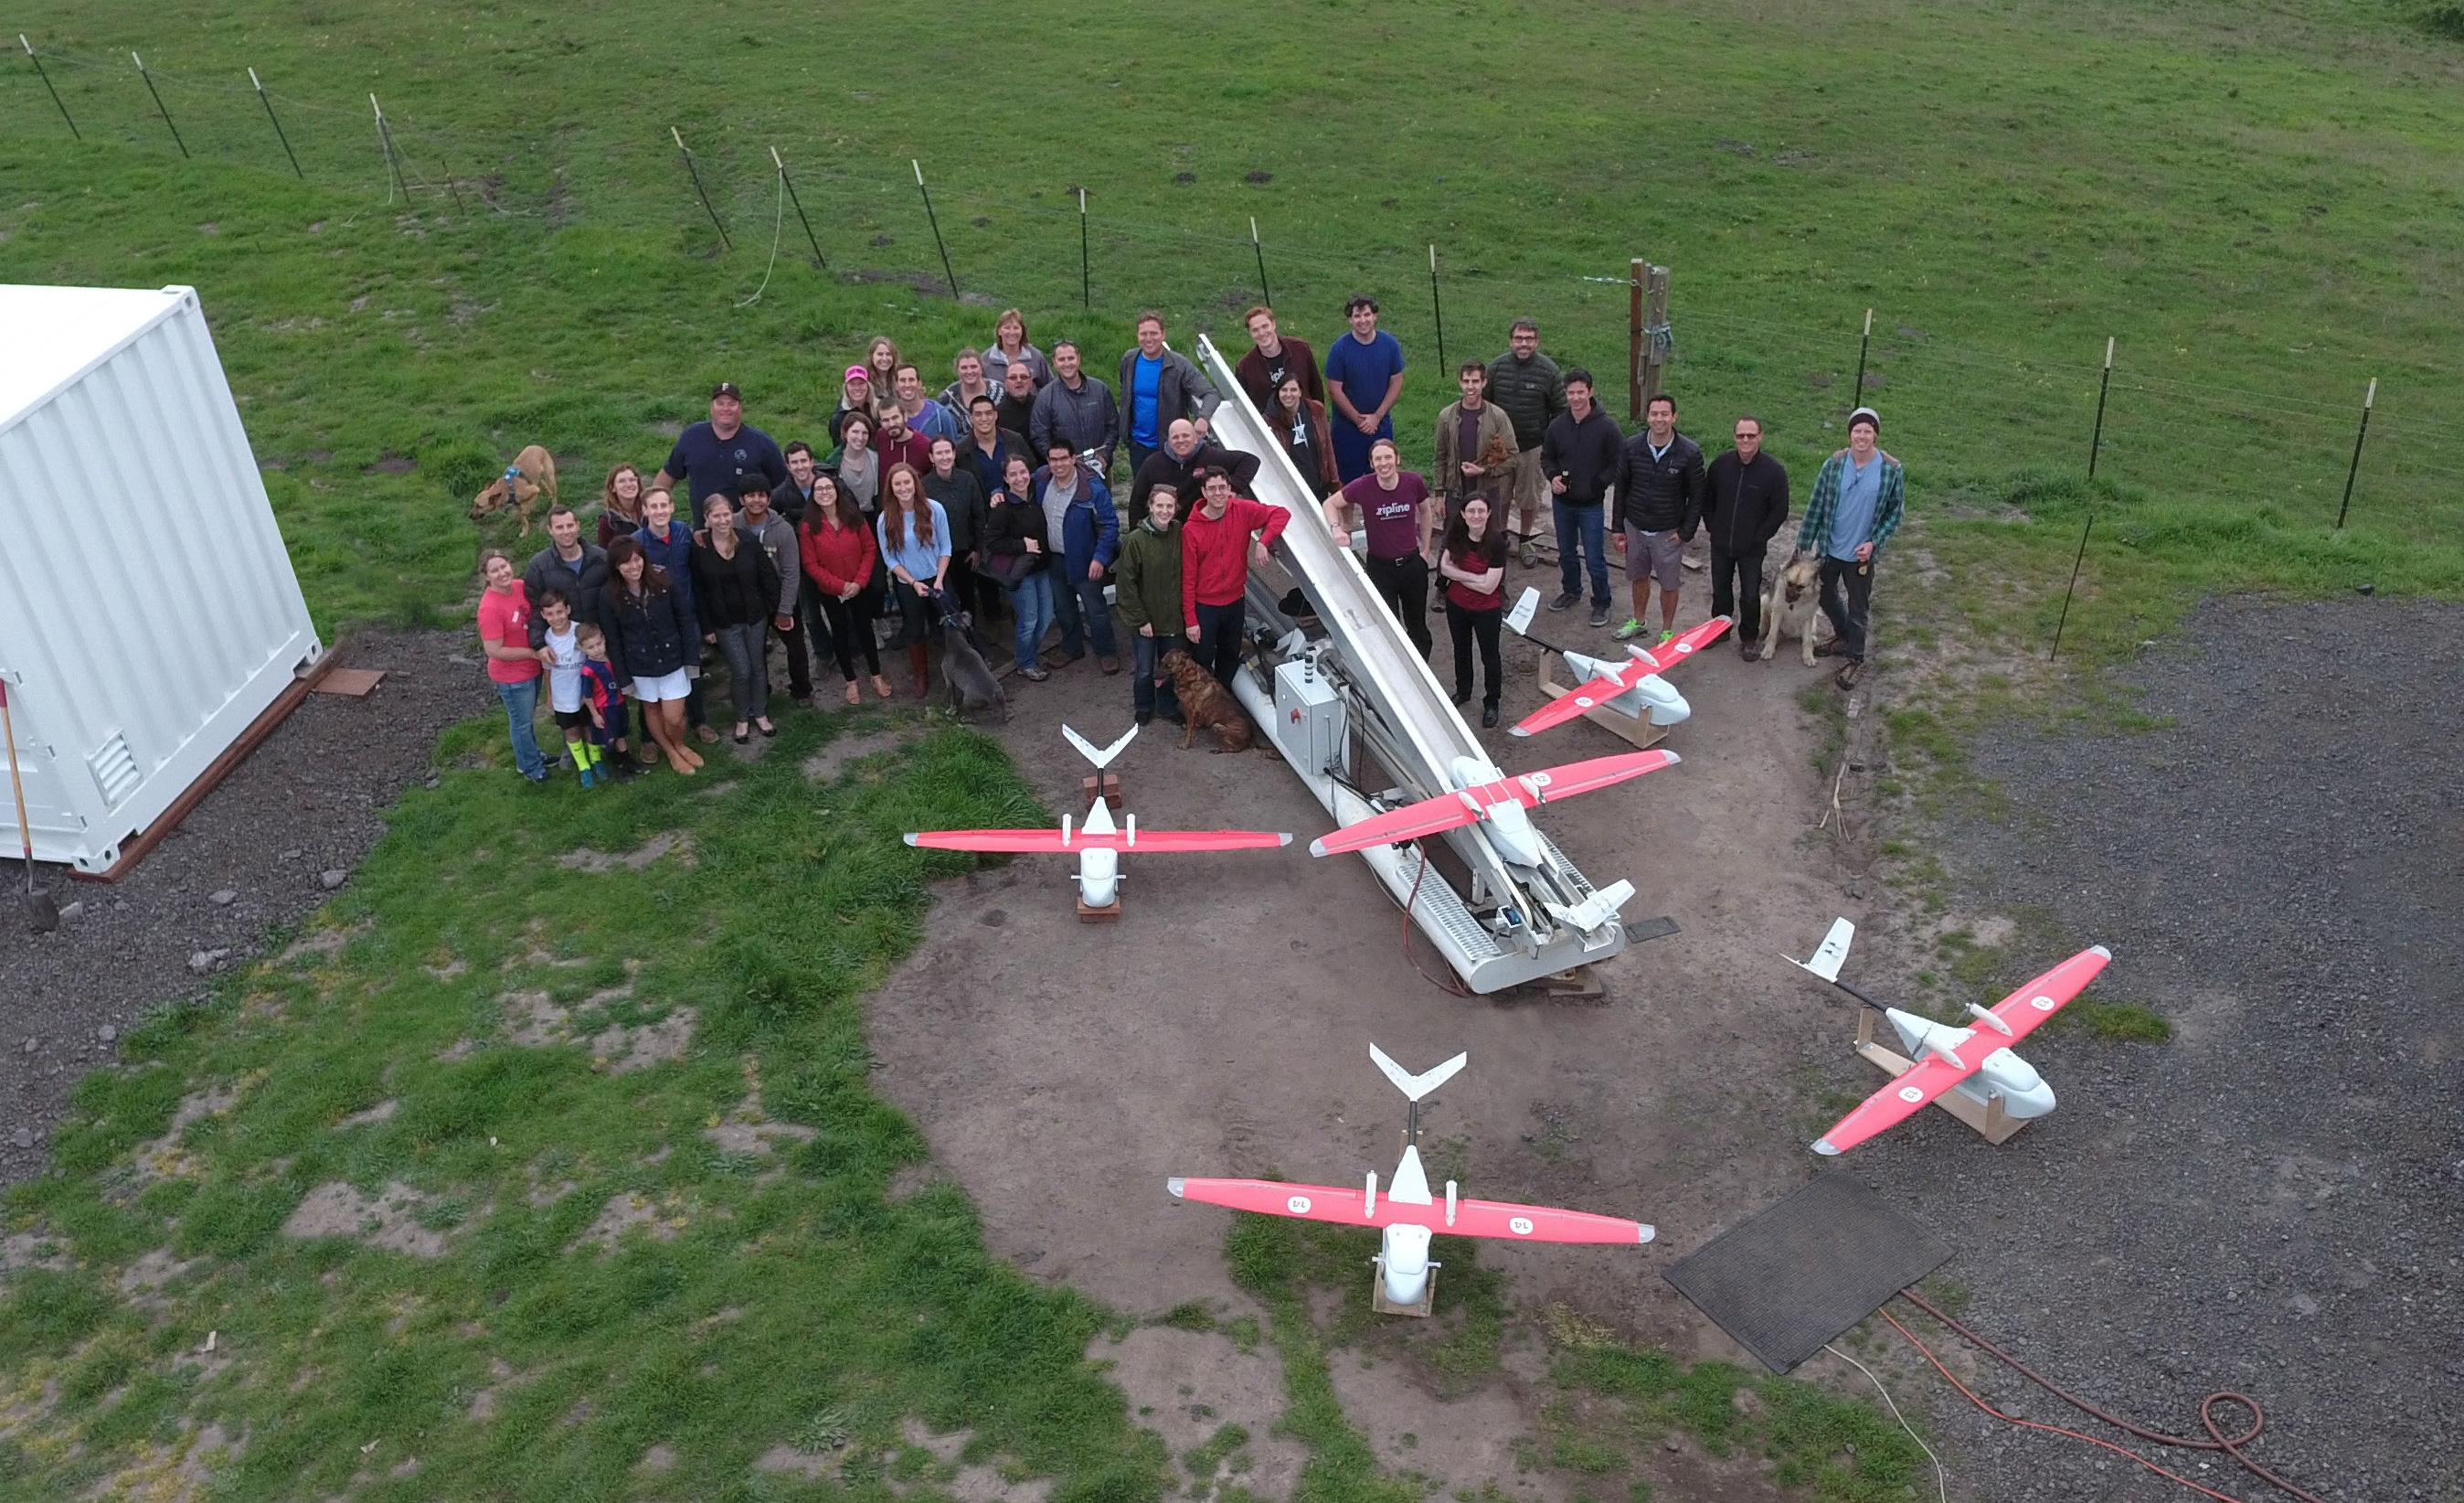 drones in rwanda